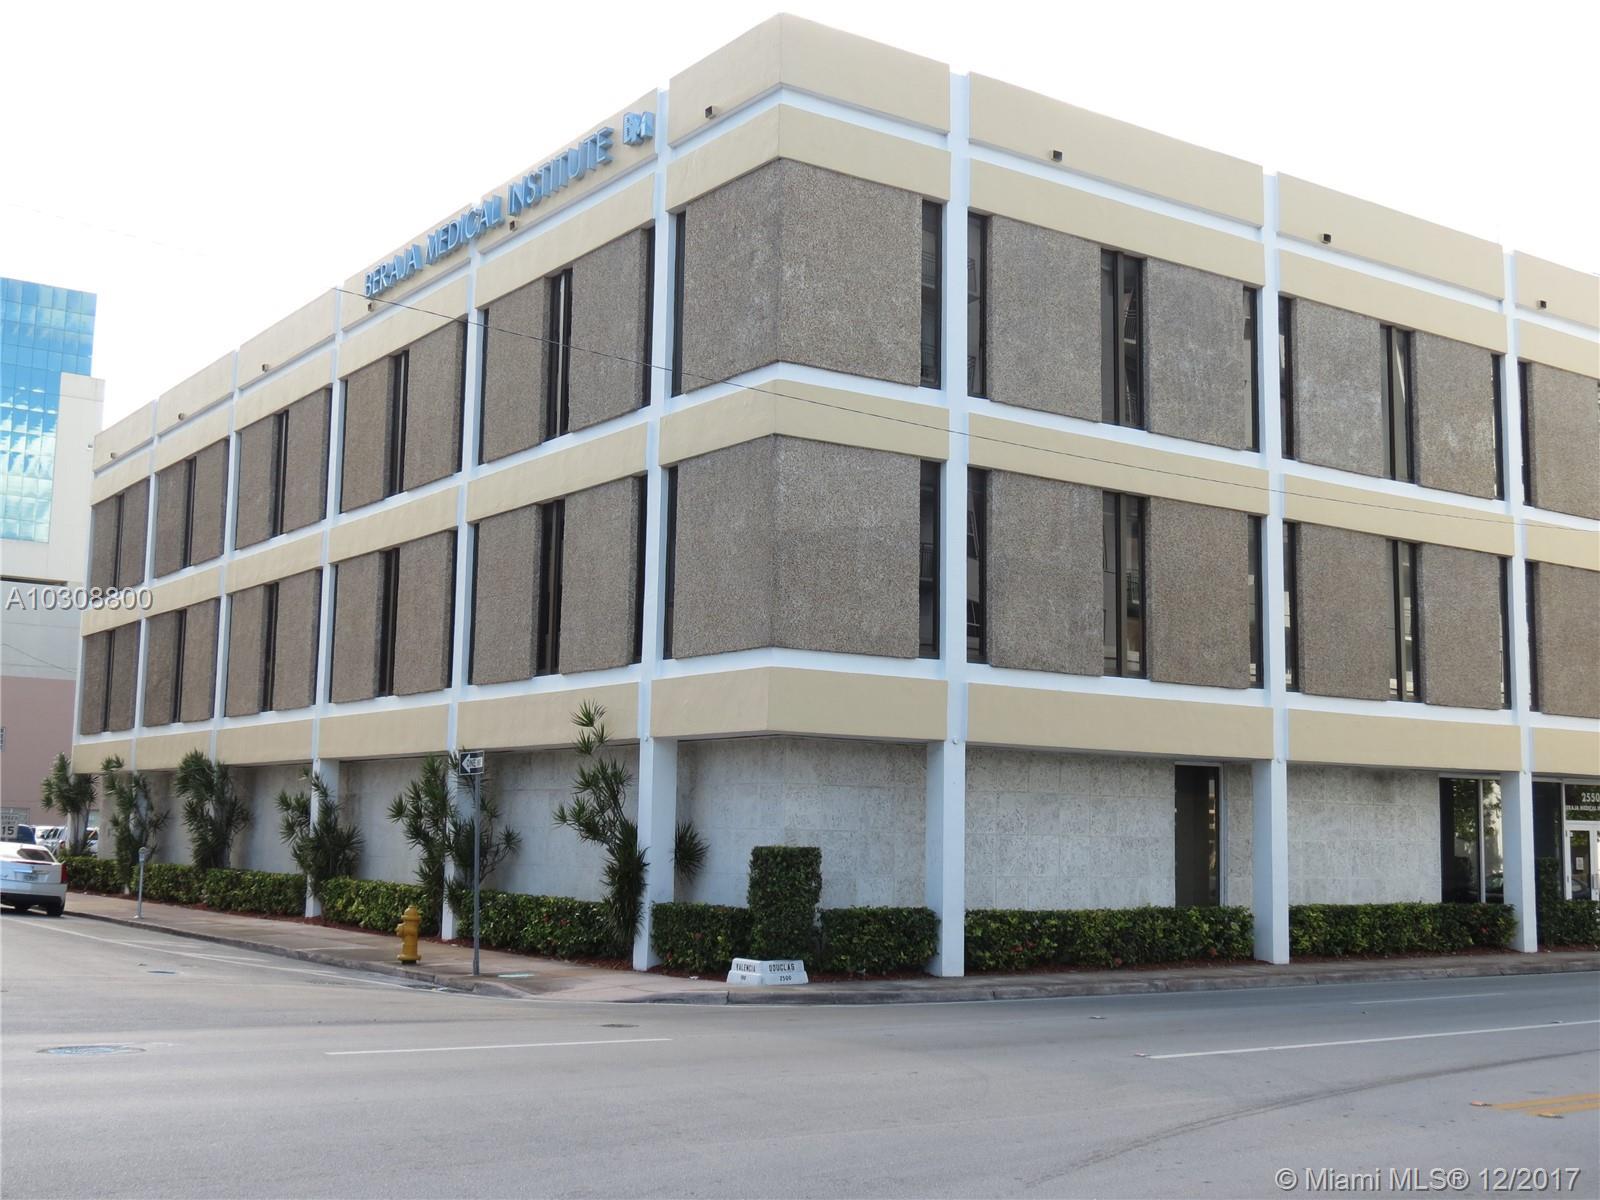 2550 S Douglas Rd, 301 - Coral Gables, Florida